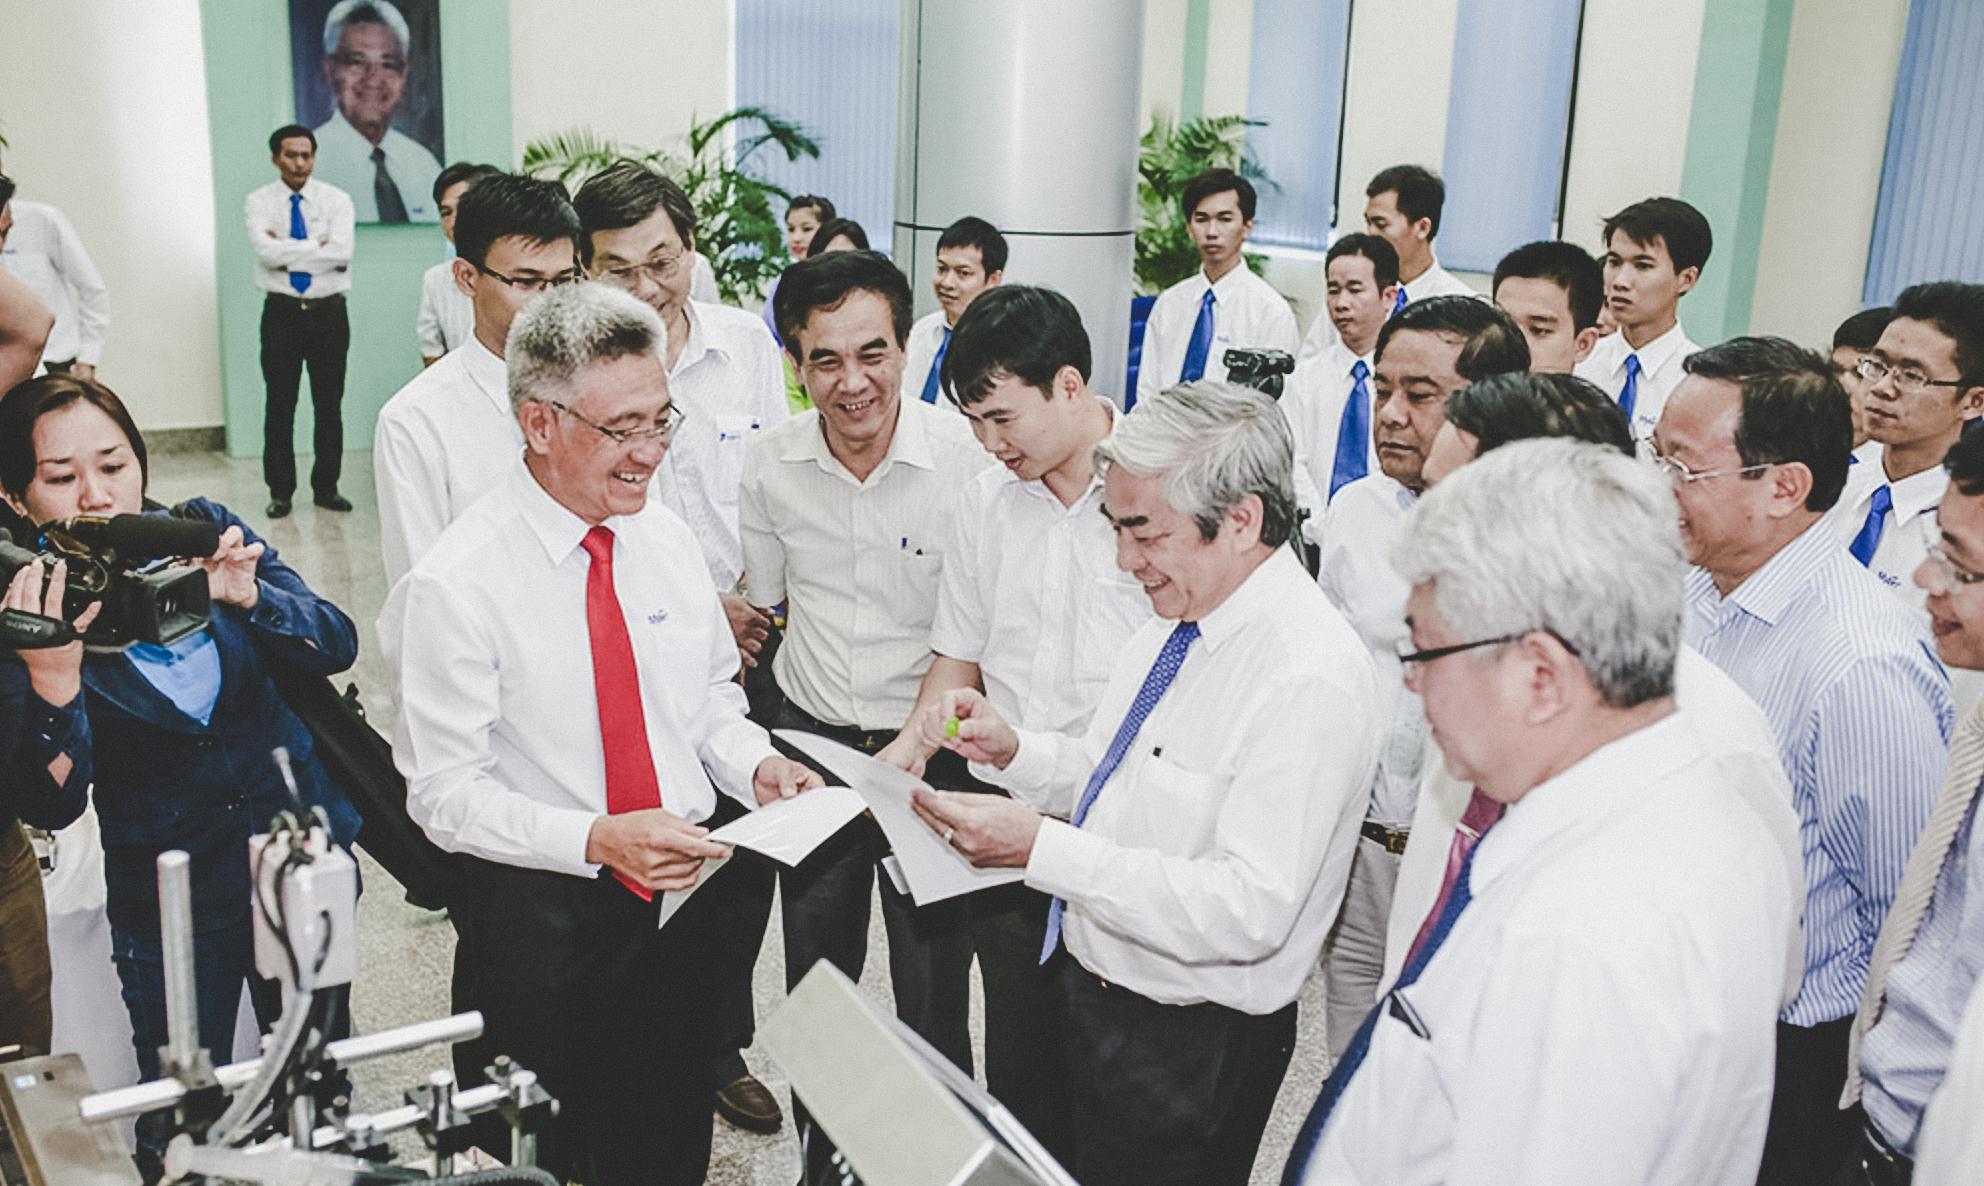 Chuyện ông tiến sĩ Việt kiều sở hữu 200 bằng sáng chế về nước và kế hoạch khởi nghiệp tuổi 60: - Ảnh 11.